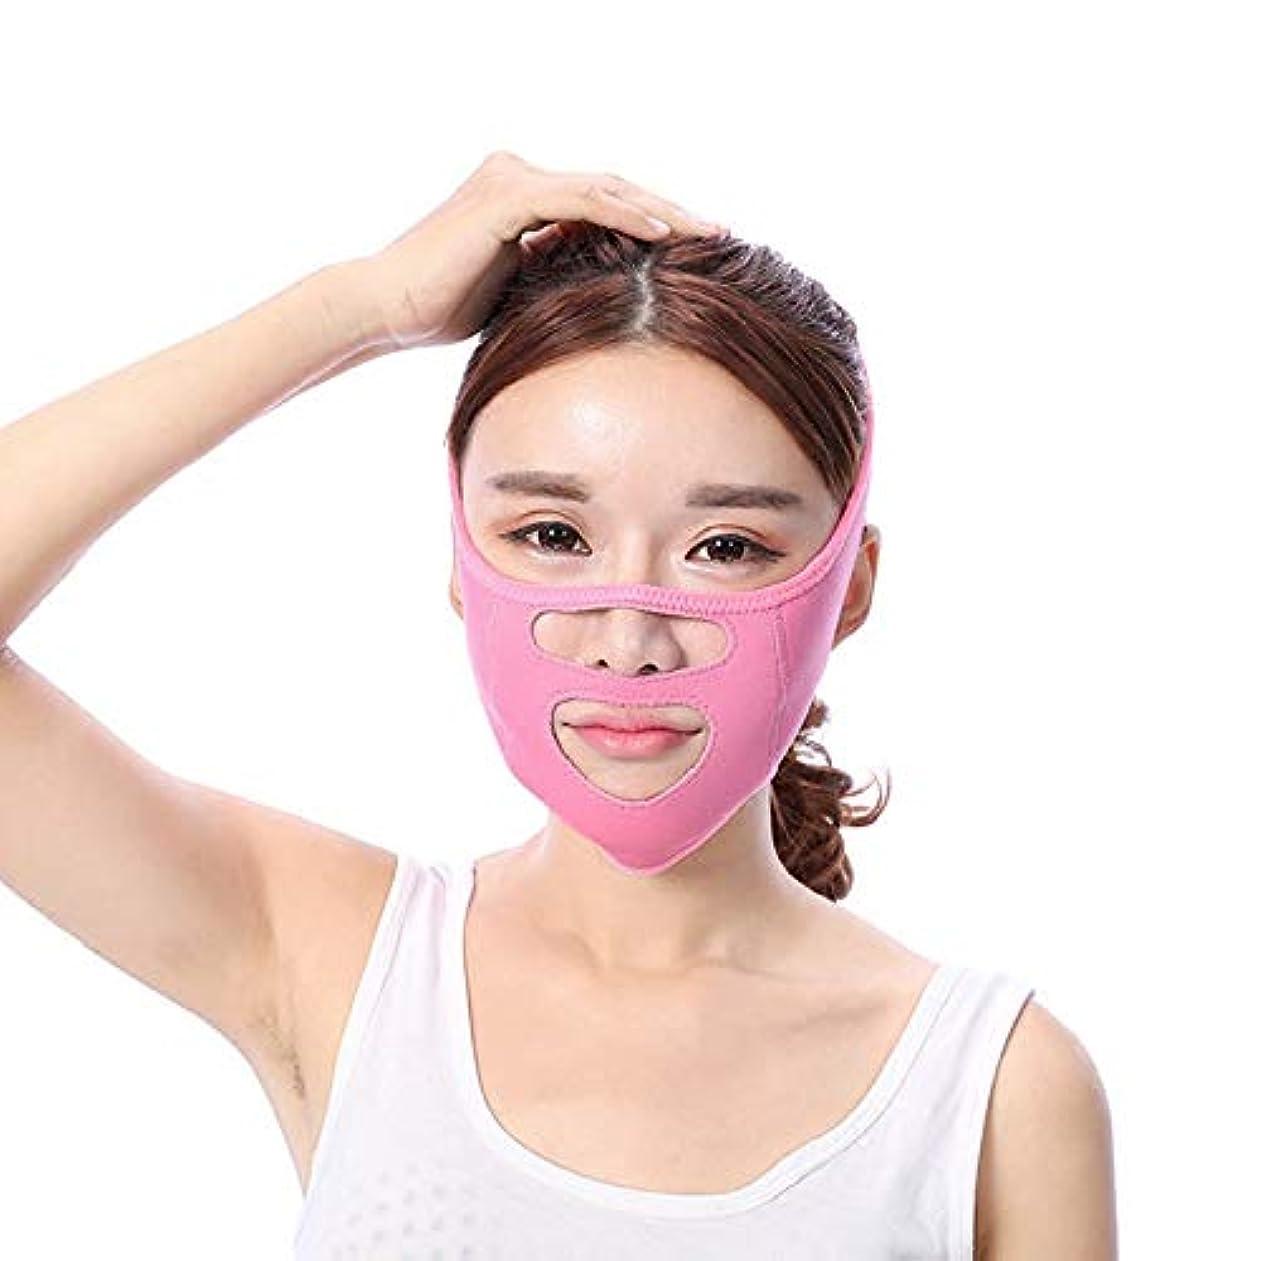 バリケード広告冗長XINGZHE 顔の持ち上がる痩身ベルト - あなたの顔のための素晴らしいトレーニング二重あごのワークアウトフェイスマスクベルト薄い顔包帯整形マスクは顔と首を締めますフェイススリム フェイスリフティングベルト